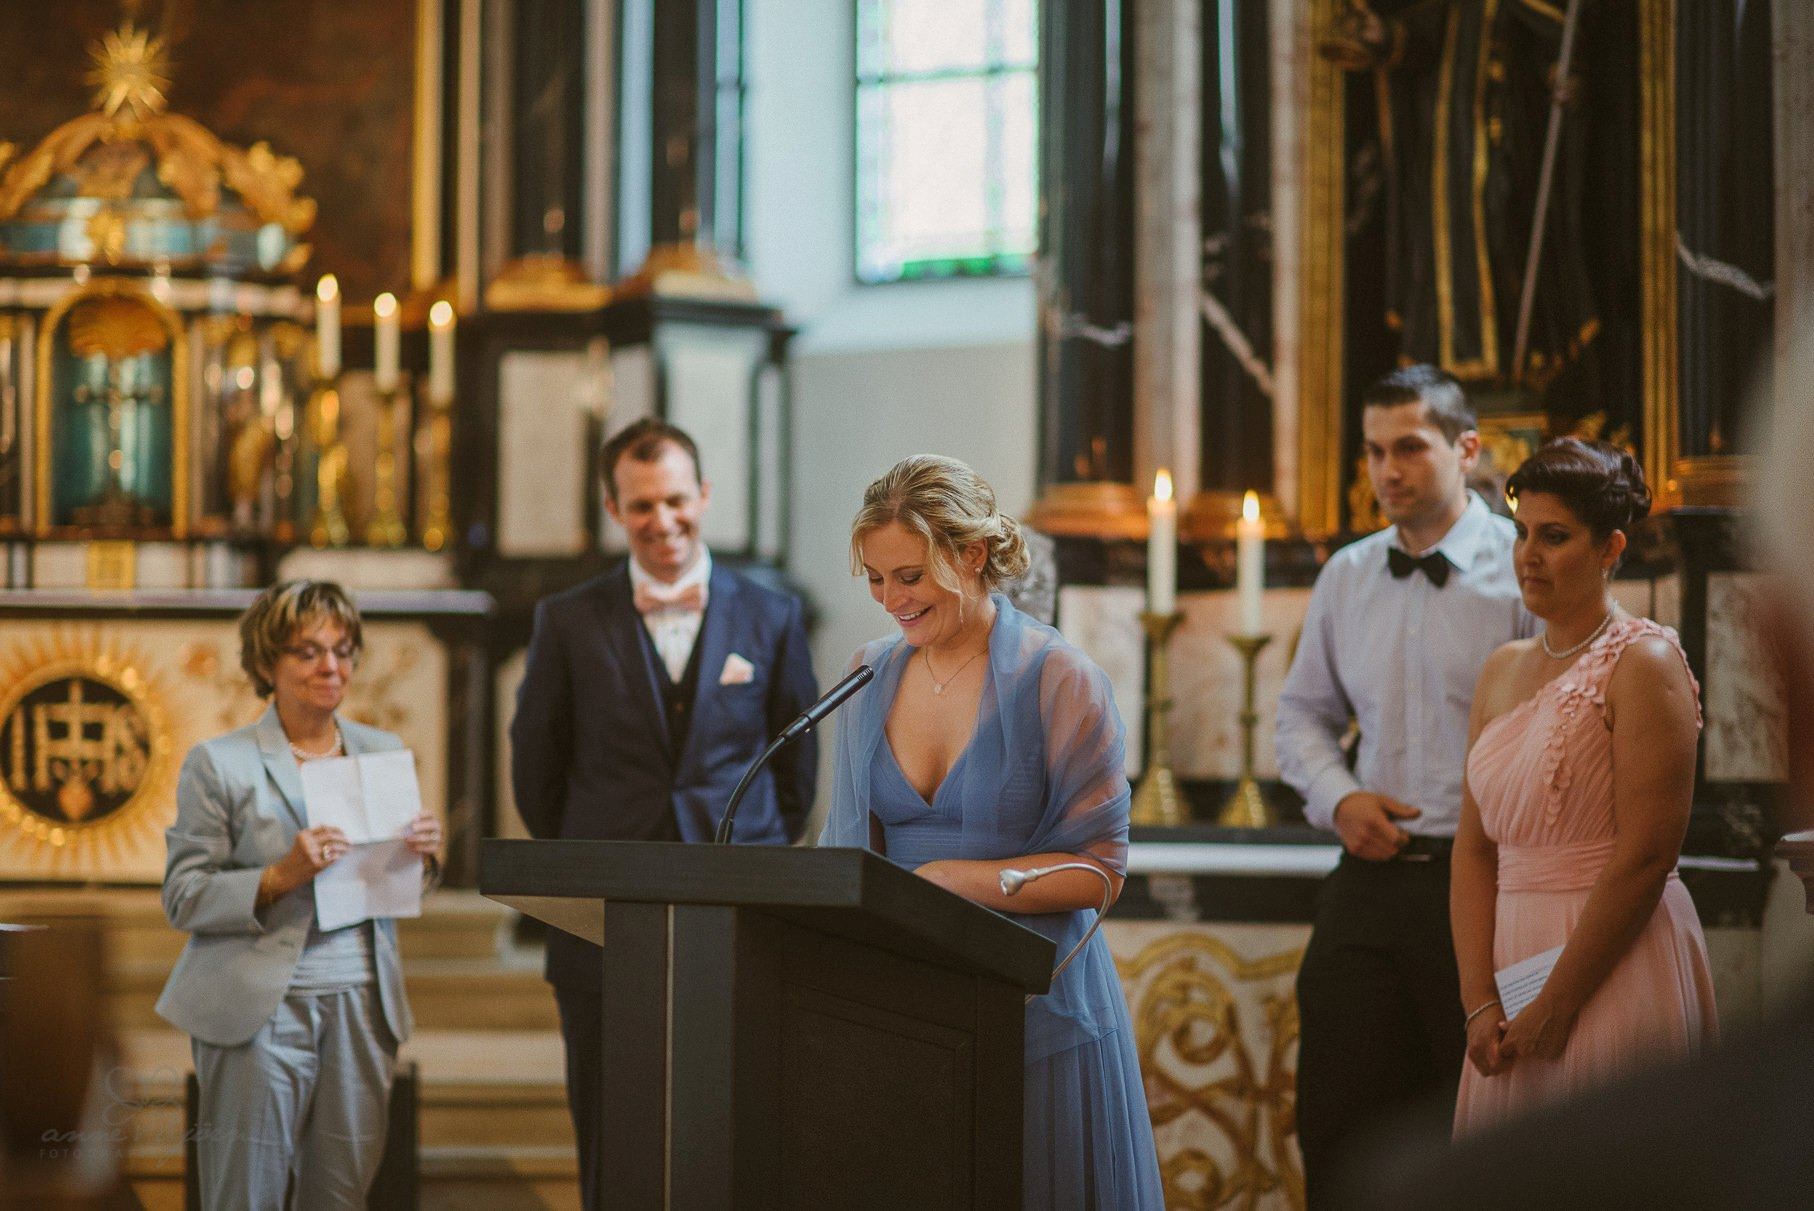 0052 anne und bjoern hochzeit schweiz d75 0128 - DIY Hochzeit in der Schweiz - Sabrina & Christoph